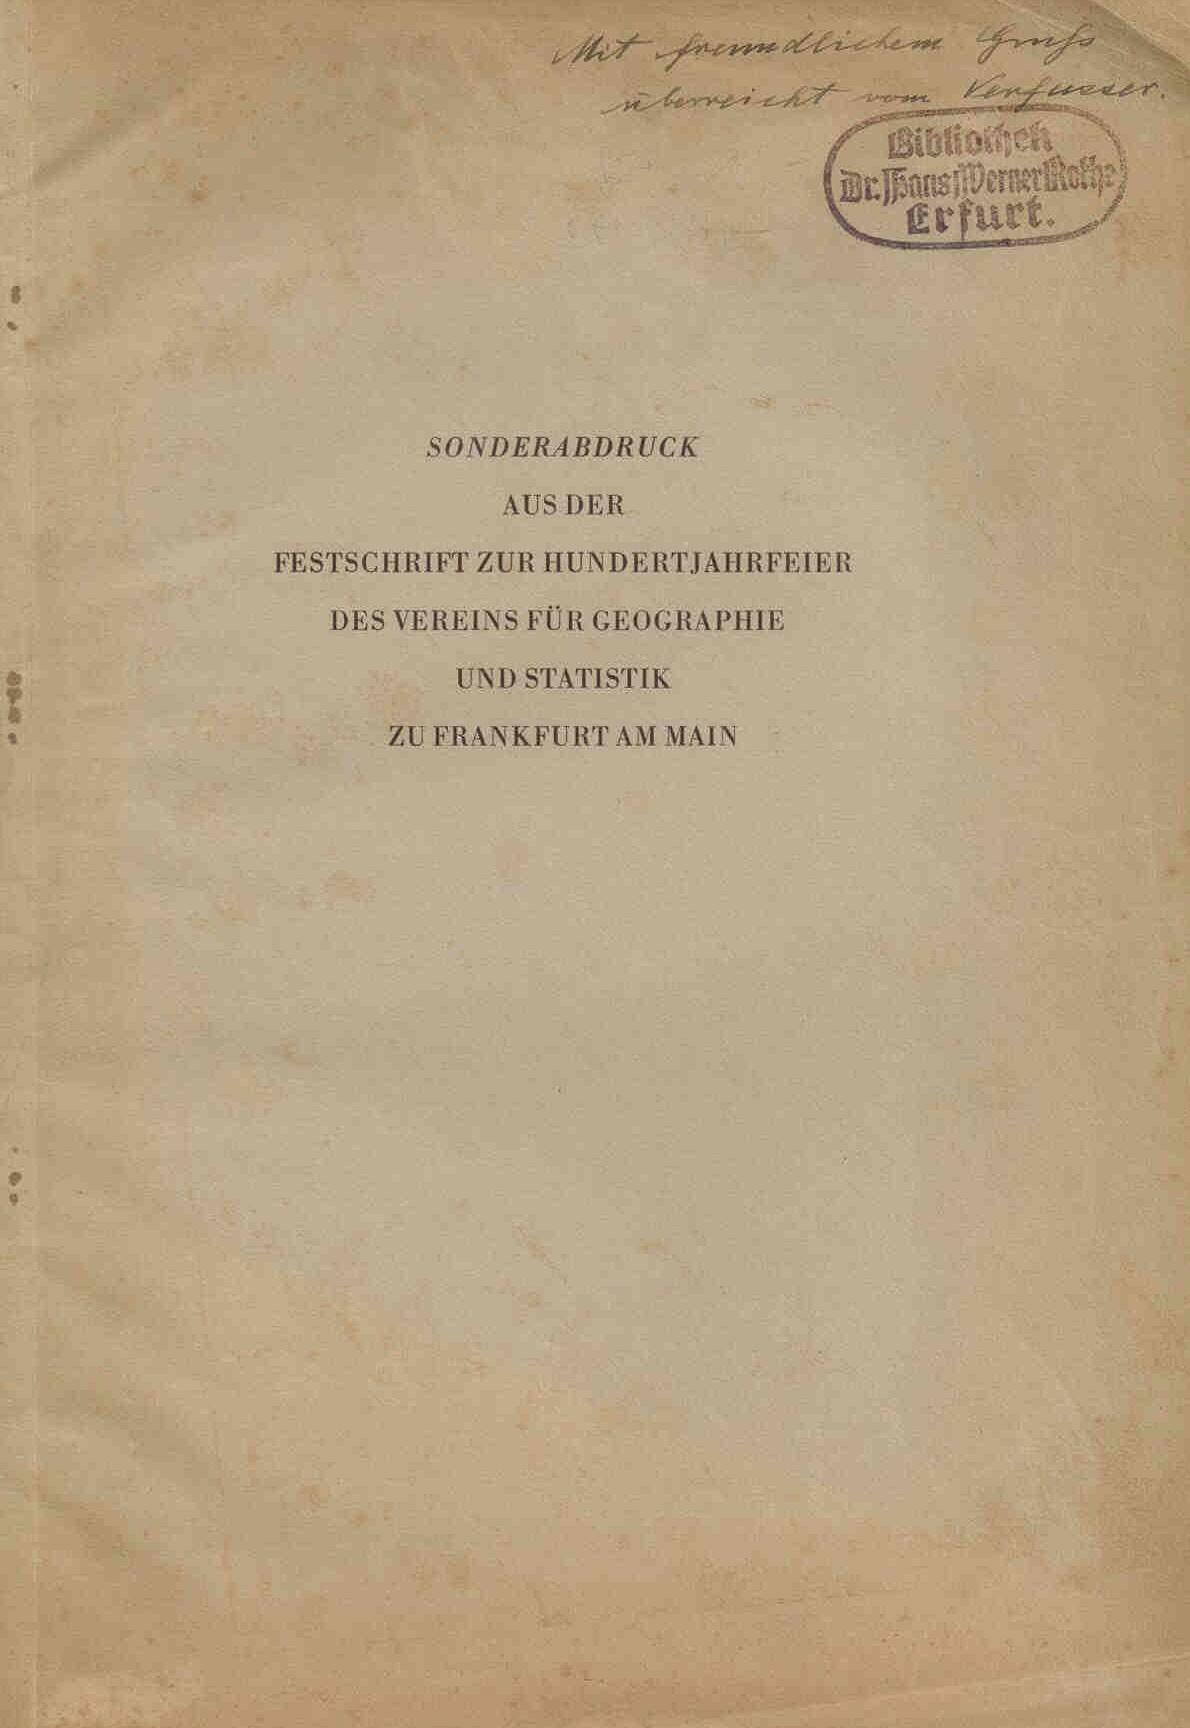 Hannemann, M.: Morpholologische Untersuchungen im Hessischen Bergland. Ein Beitrag zur jüngsten Tektonik des deutschen Bodens